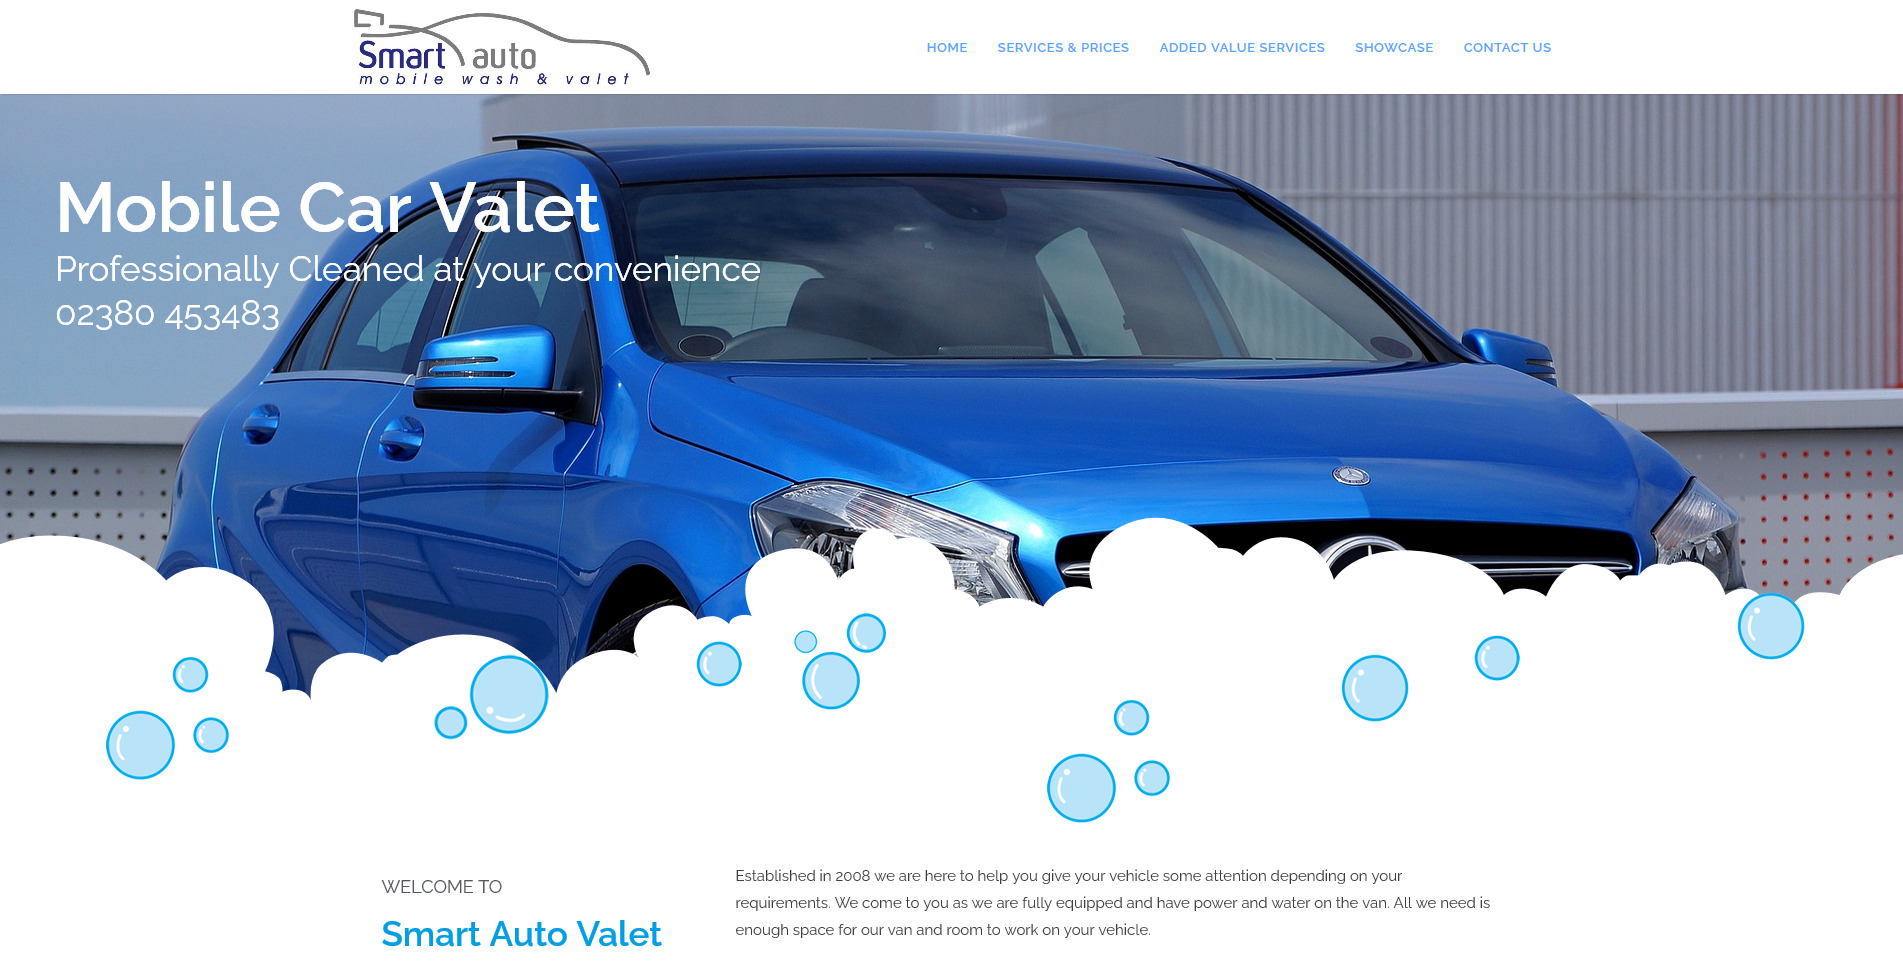 Car Valet Company